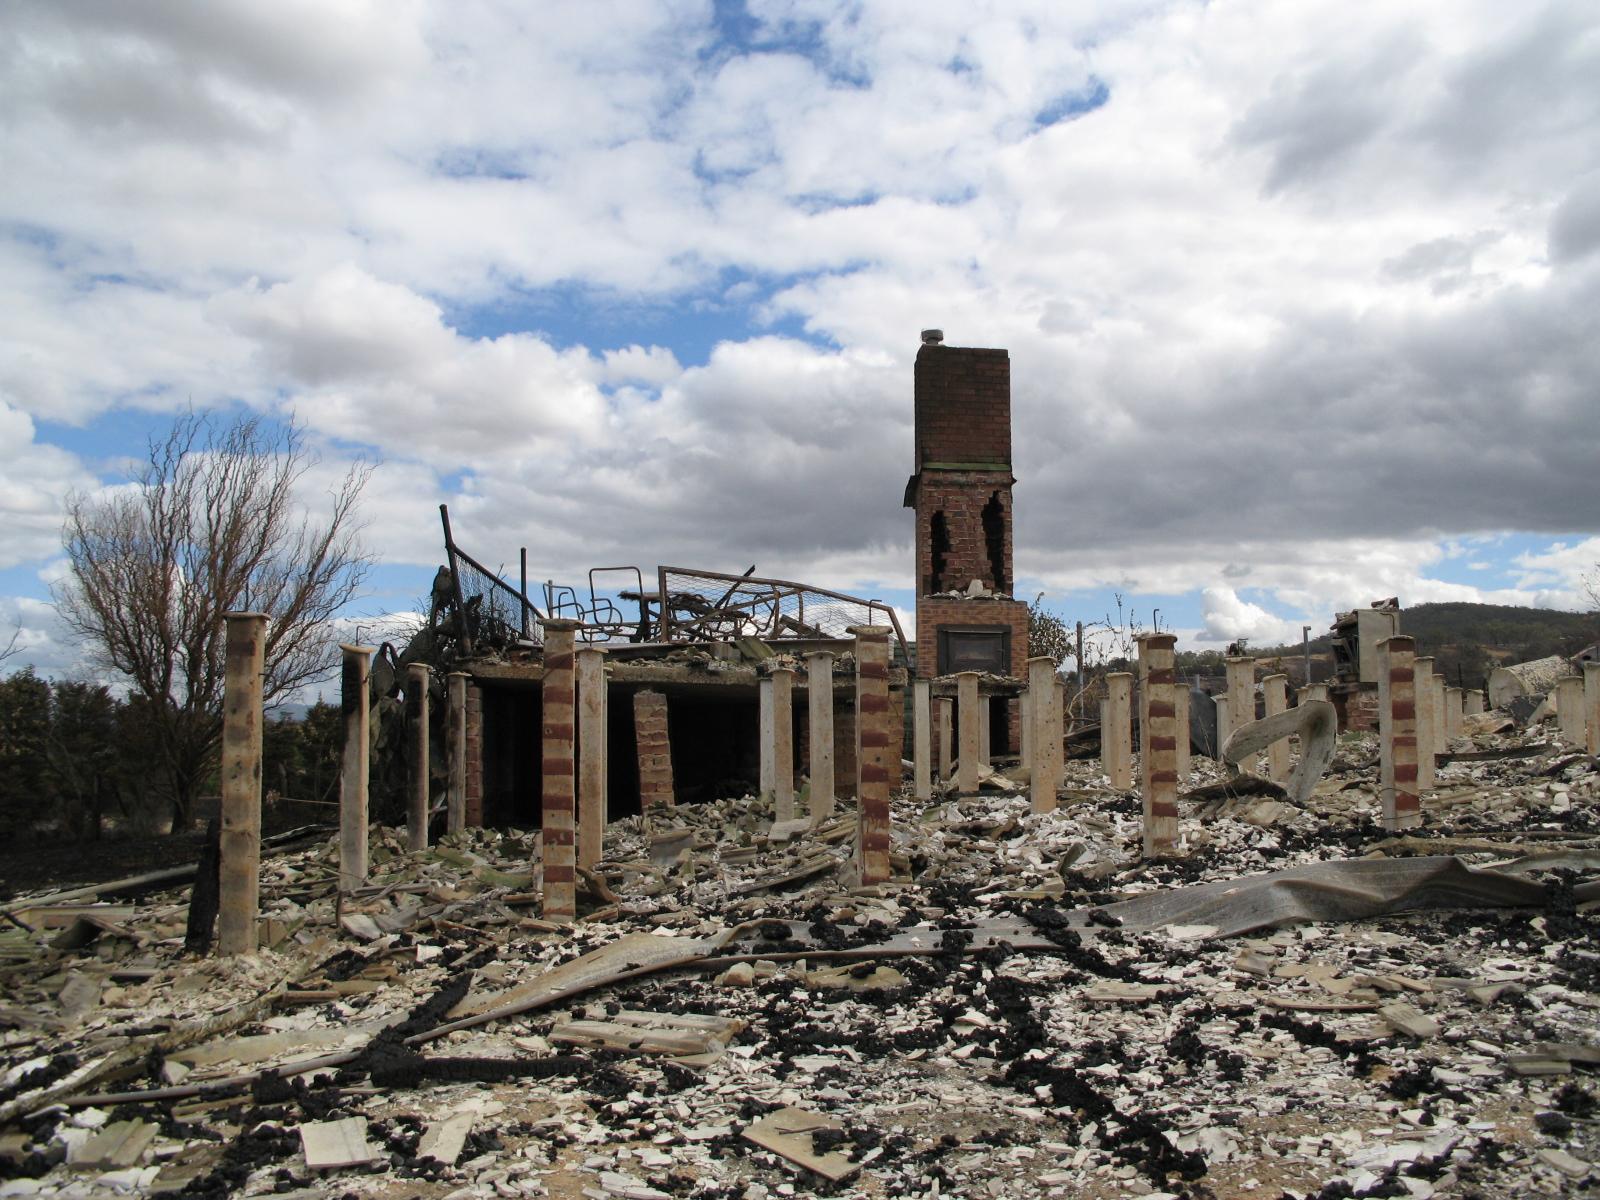 Brandskade in Yarra Glen, Victoria, ná die verwoestende veldbrande van 2009